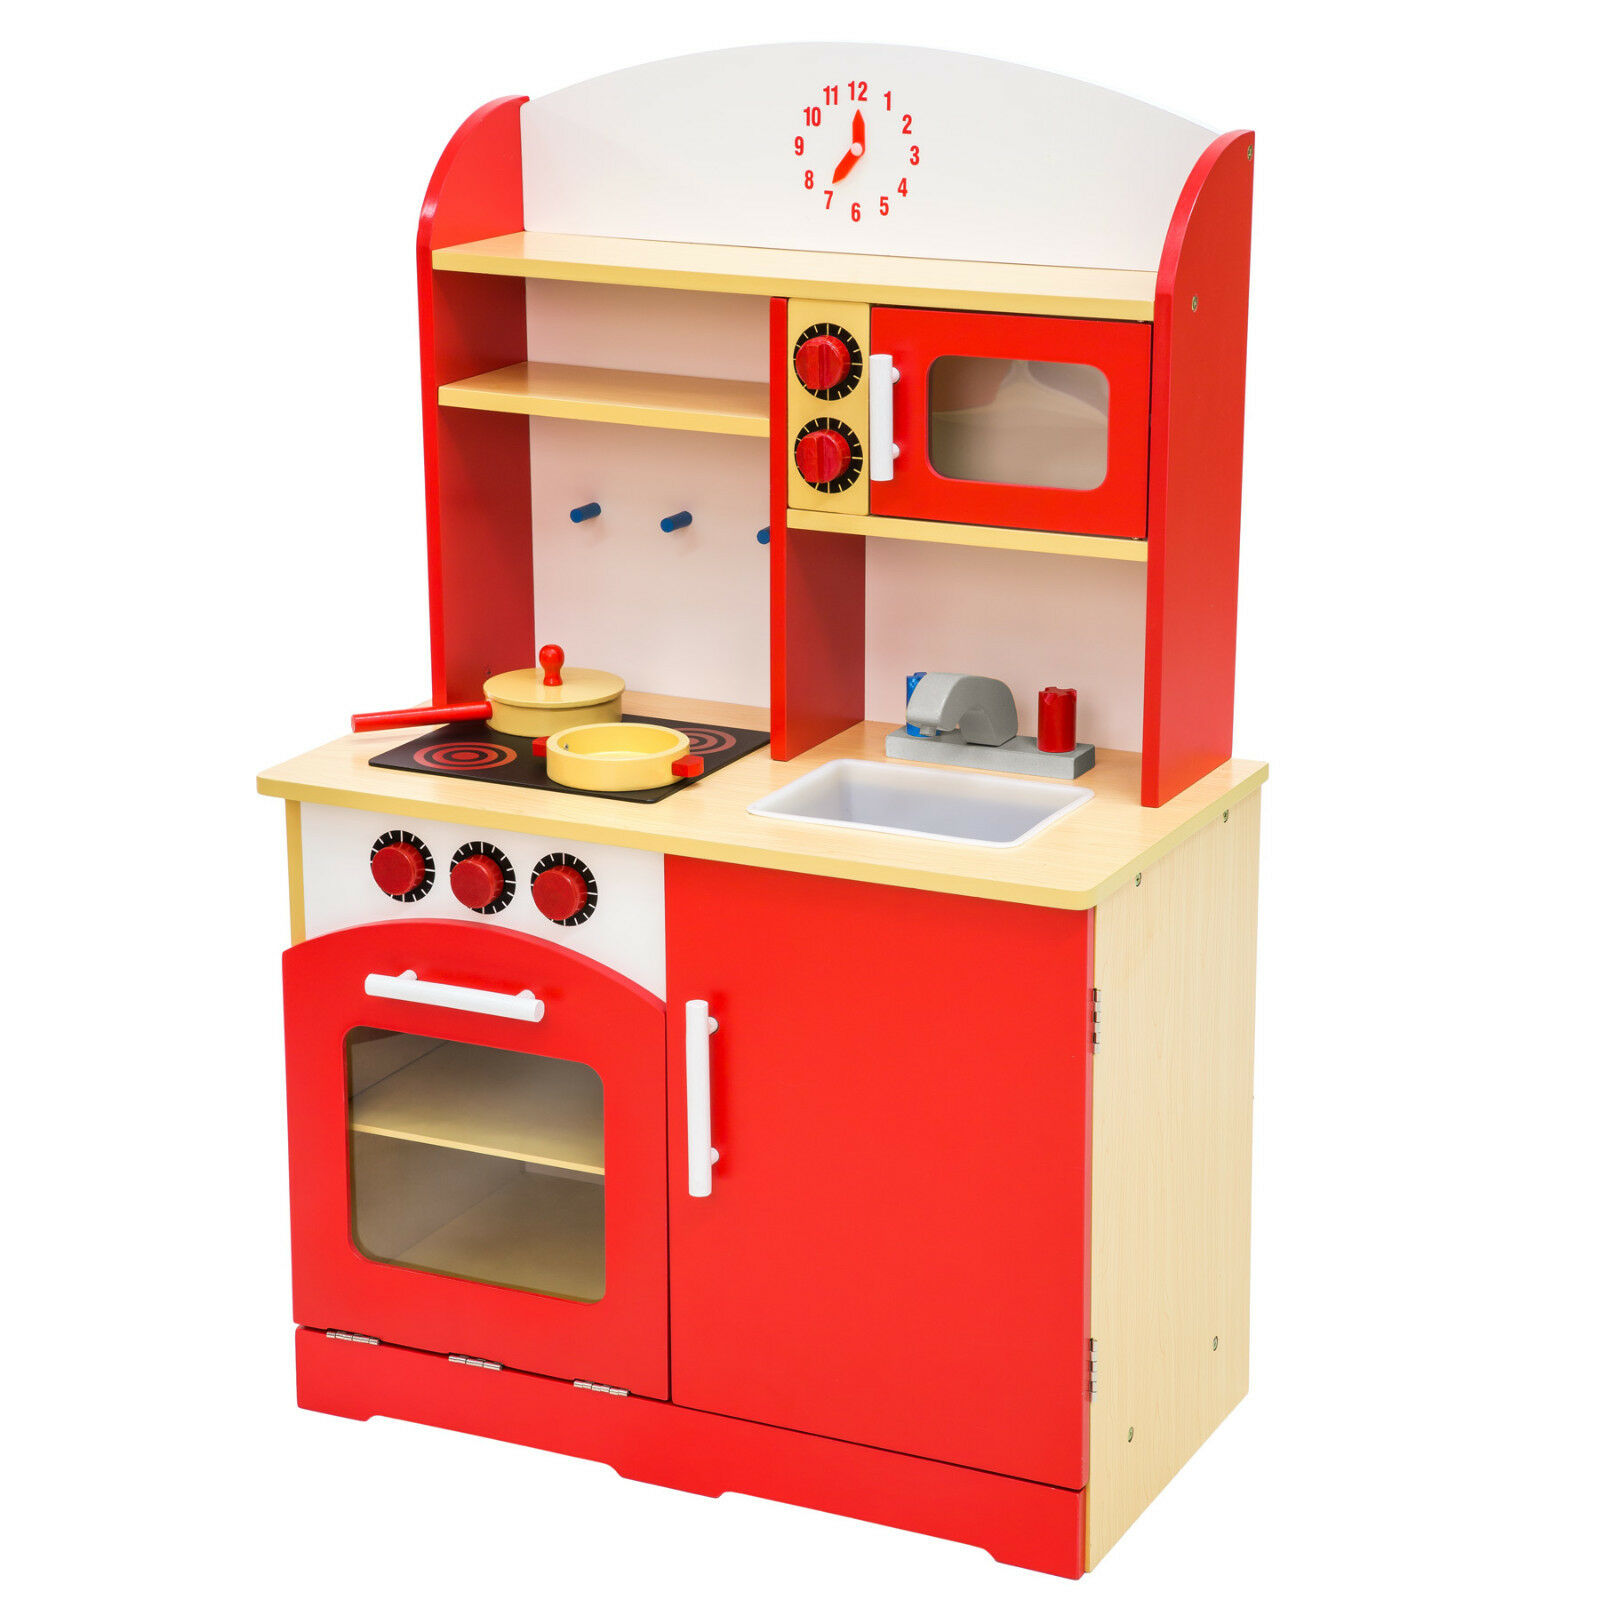 Kinderküche aus Holz Kinderspielküche Spielküche ...